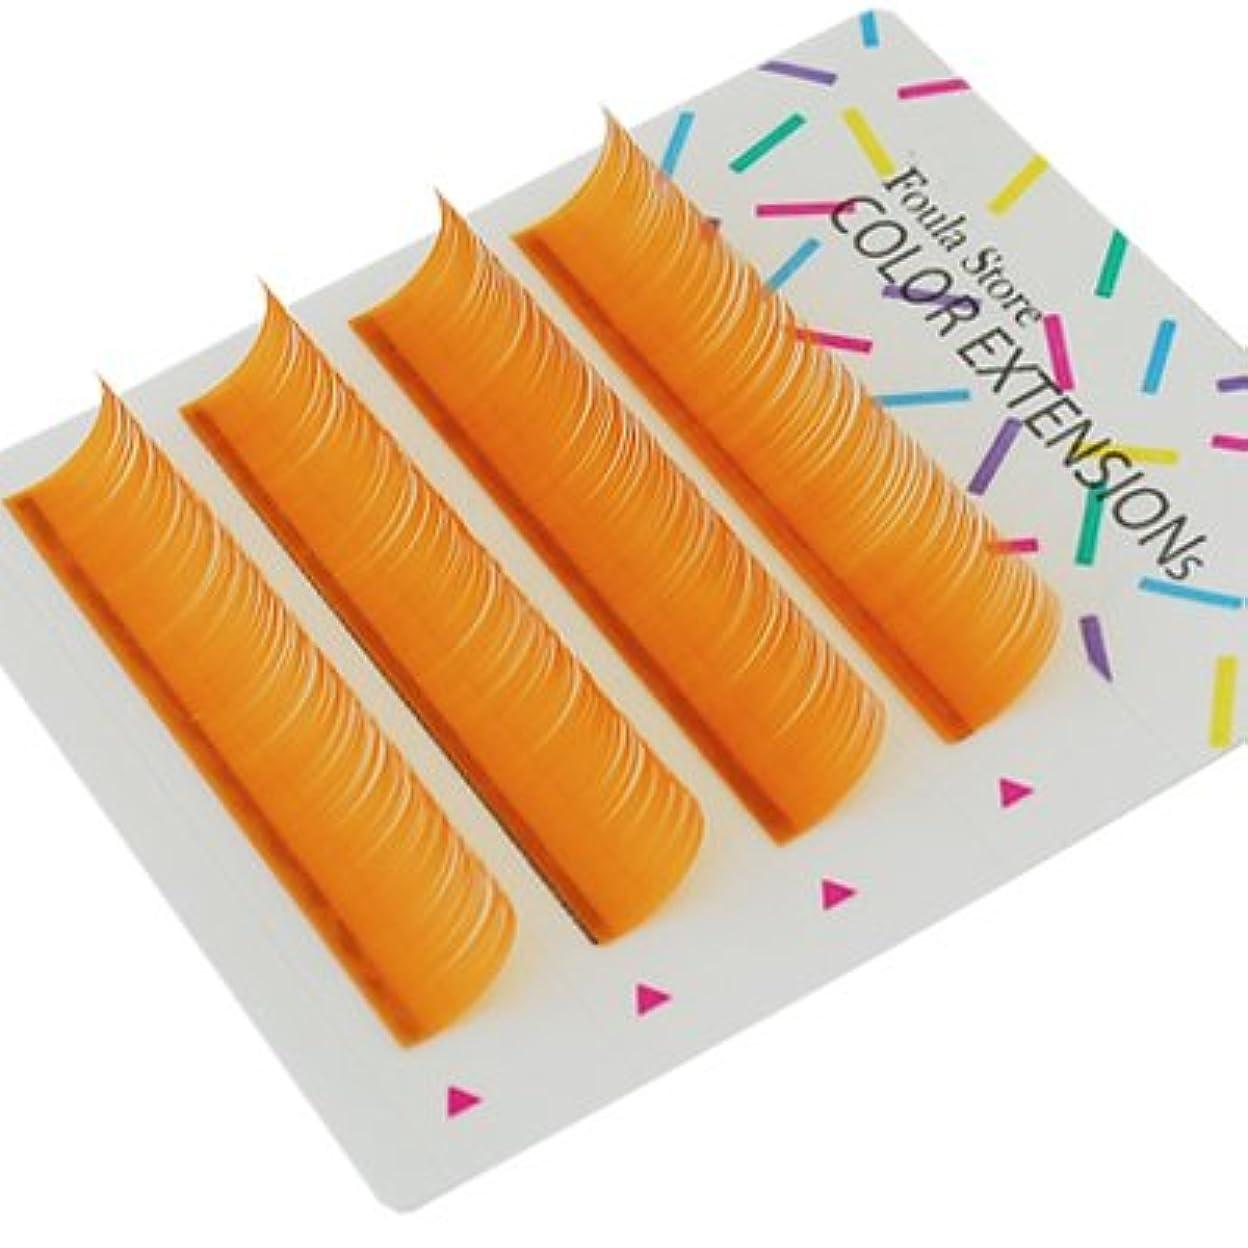 墓地隙間静かな【Foula】カラーエクステ 4列シート オレンジ Jカール 0.18mm×10mm